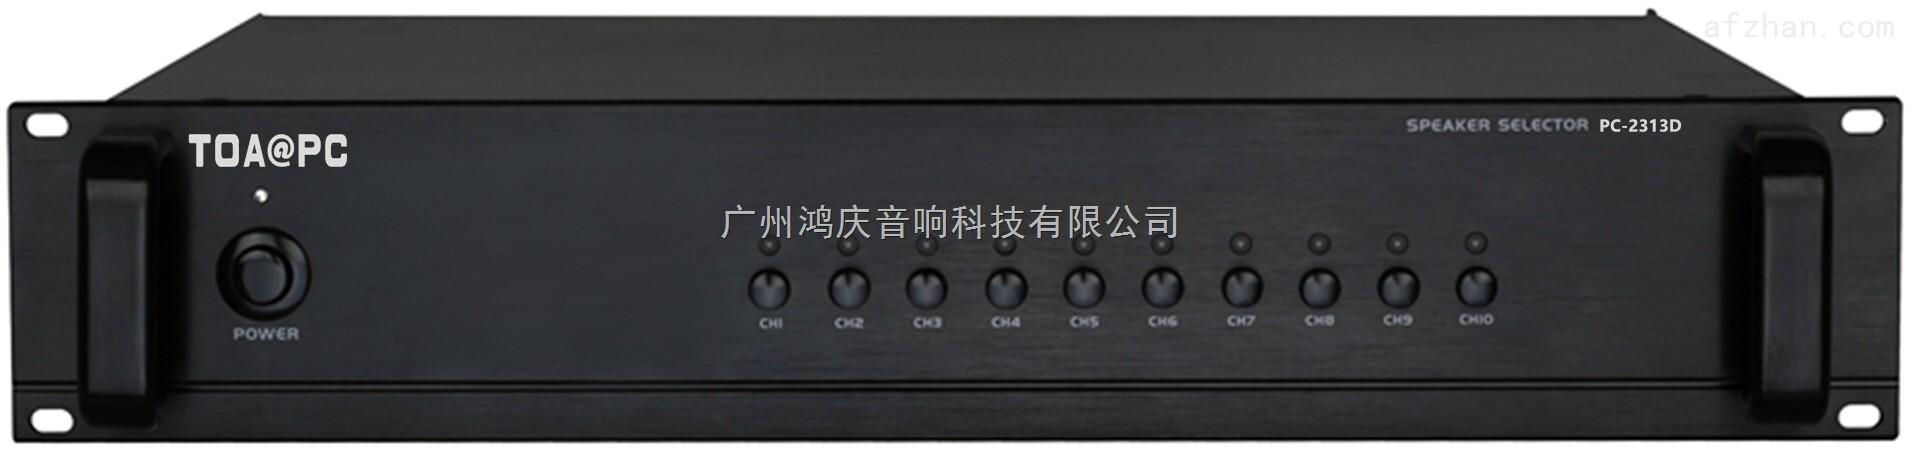 PC-2313D公共广播十路分区器